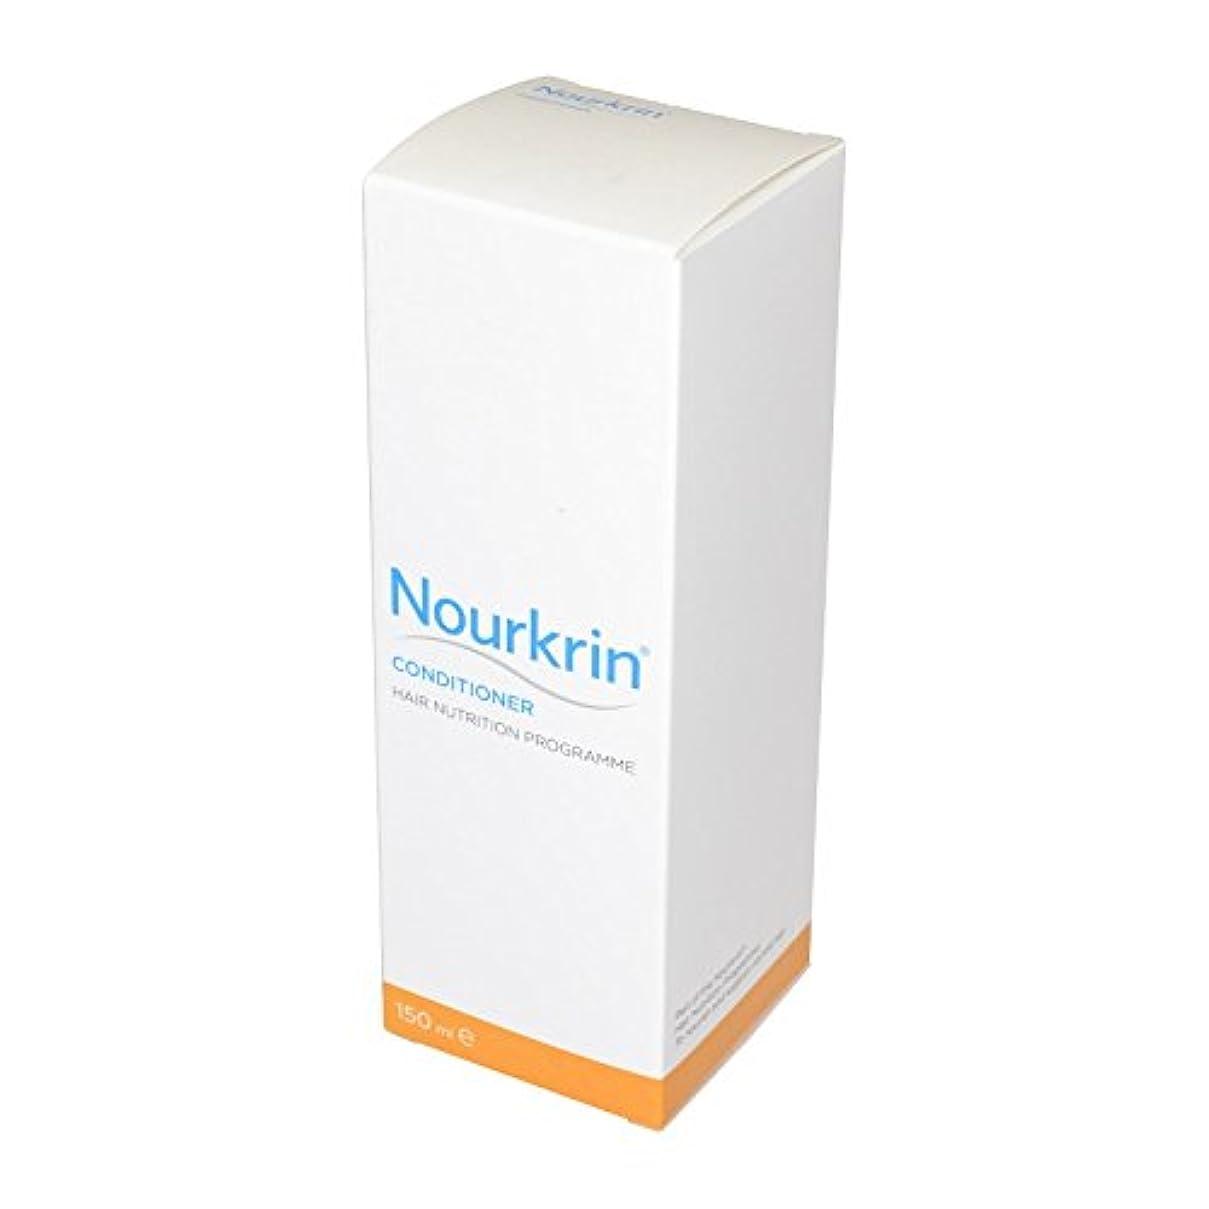 可決連帯のためNourkrinコンディショナー - Nourkrin Conditioner (Nourkrin) [並行輸入品]